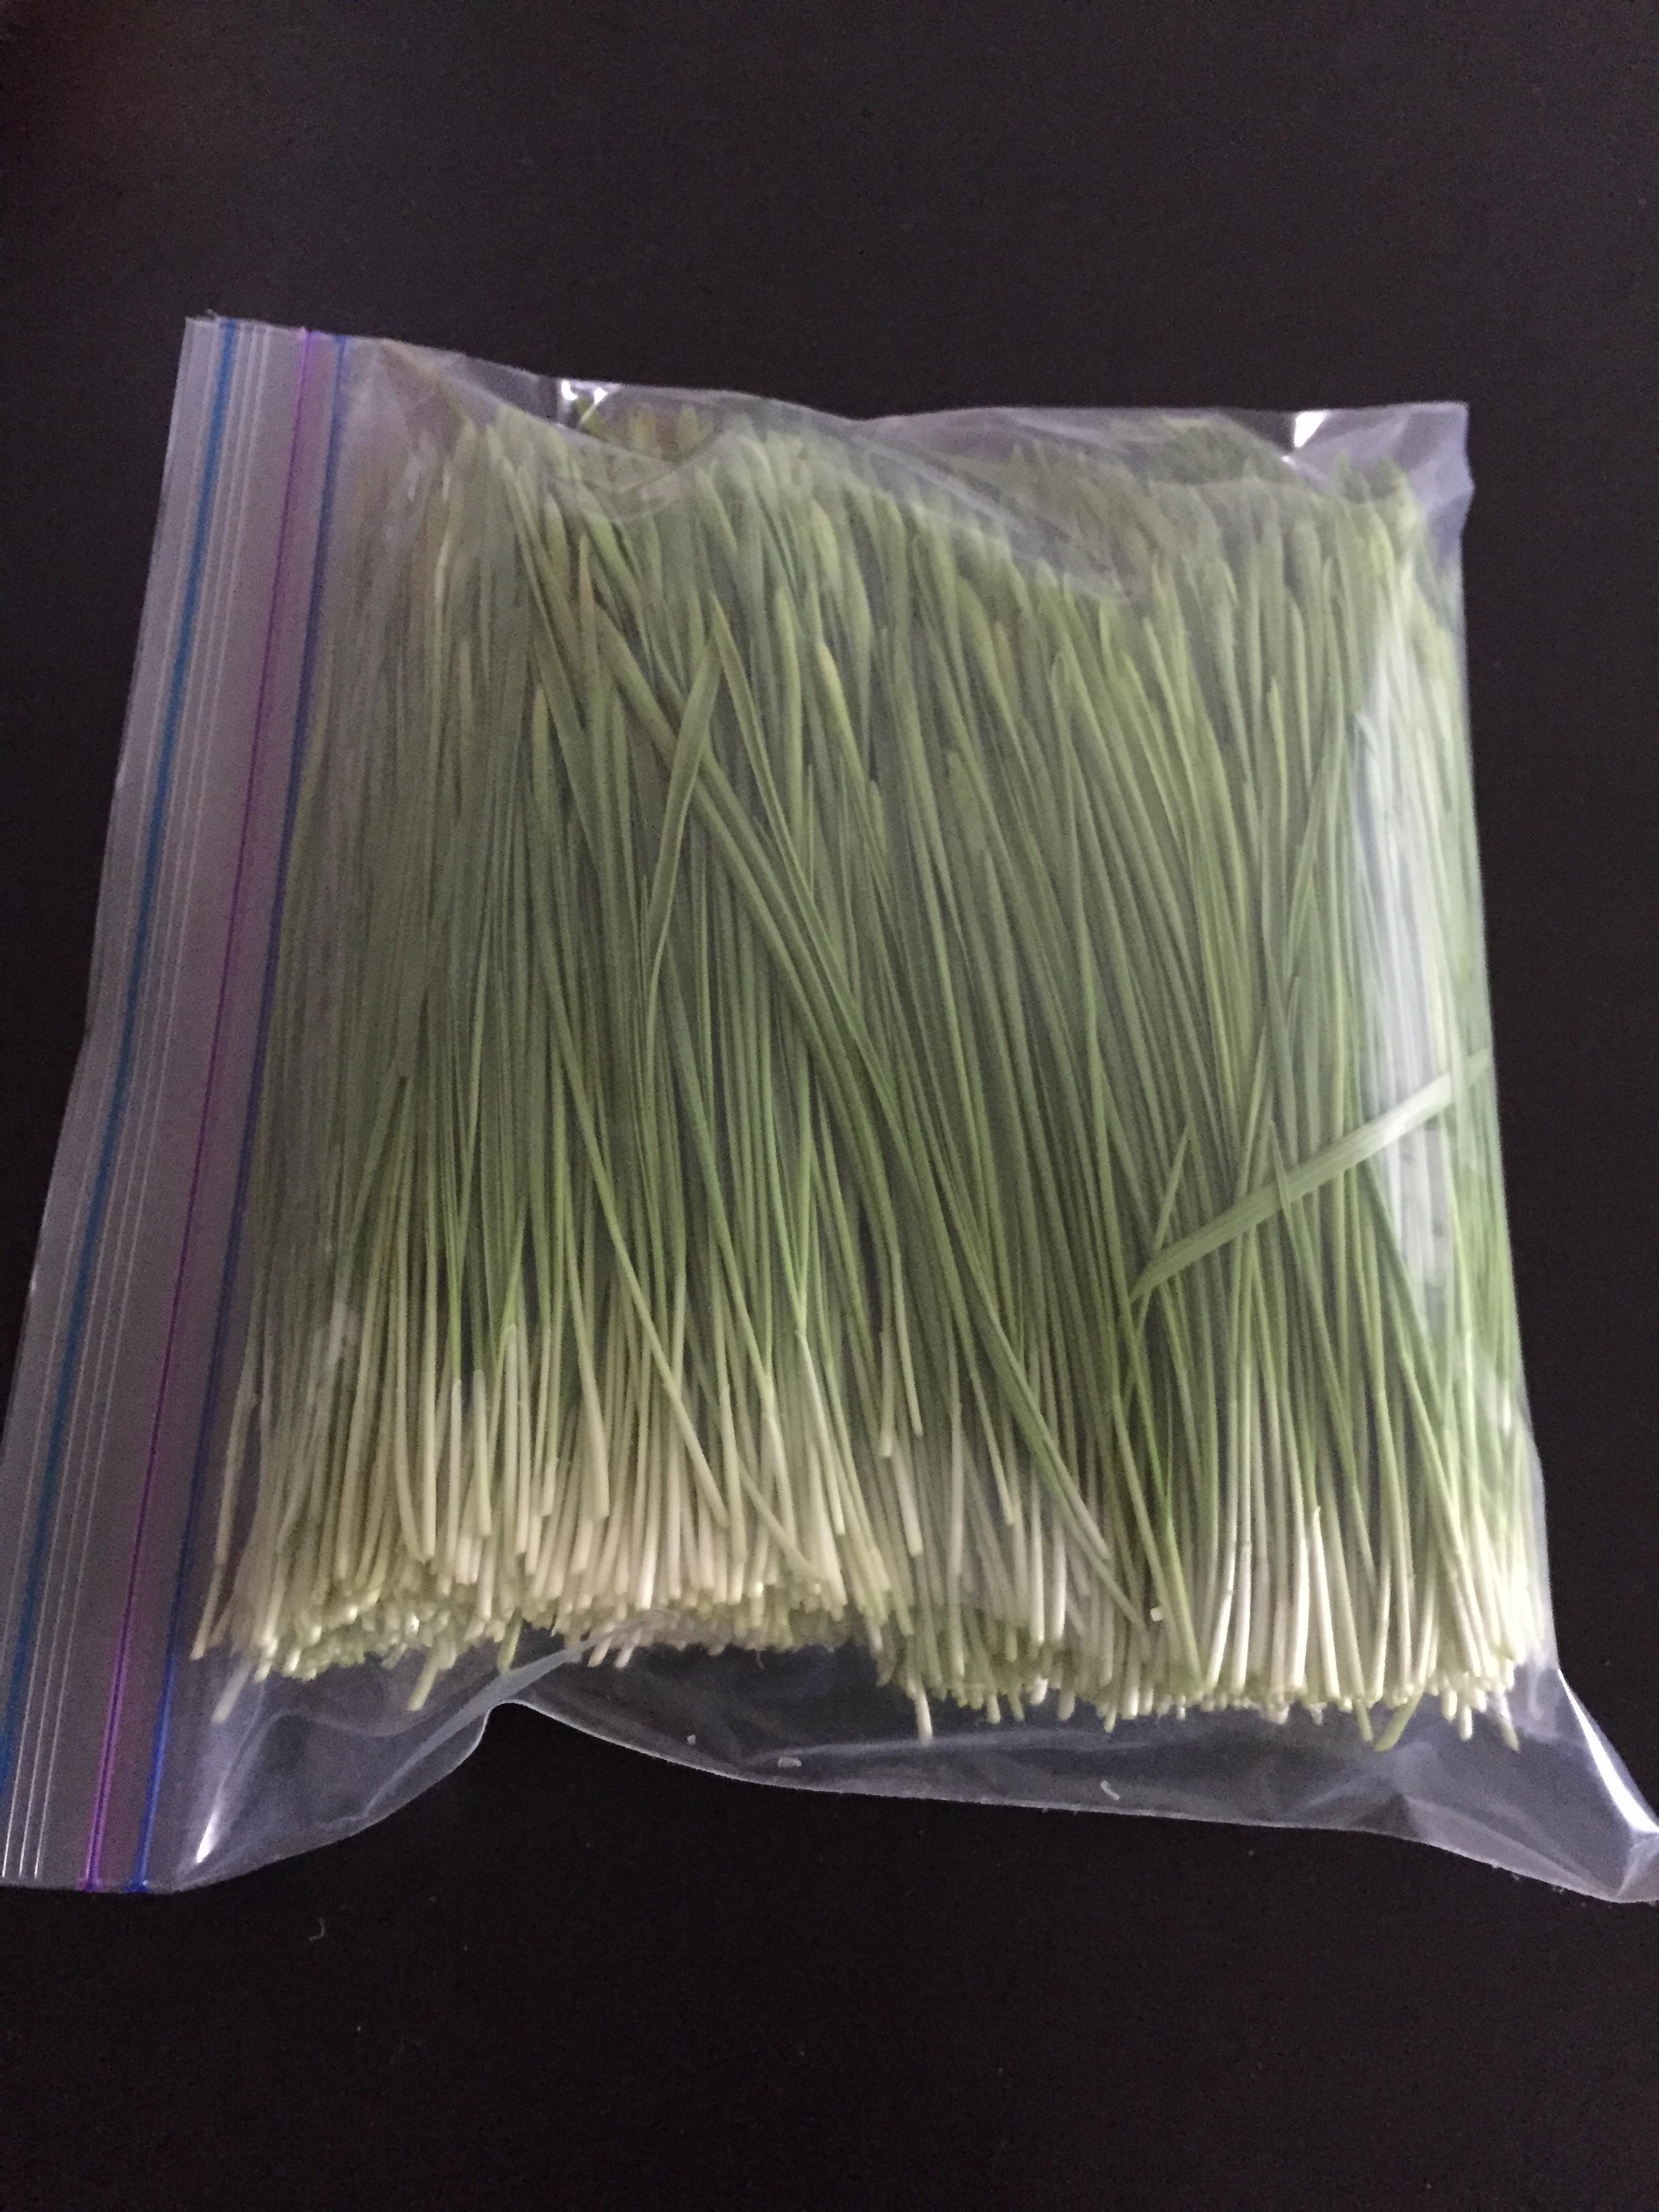 Comment faire pousser de l 39 herbe de bl - Faire pousser des endives ...